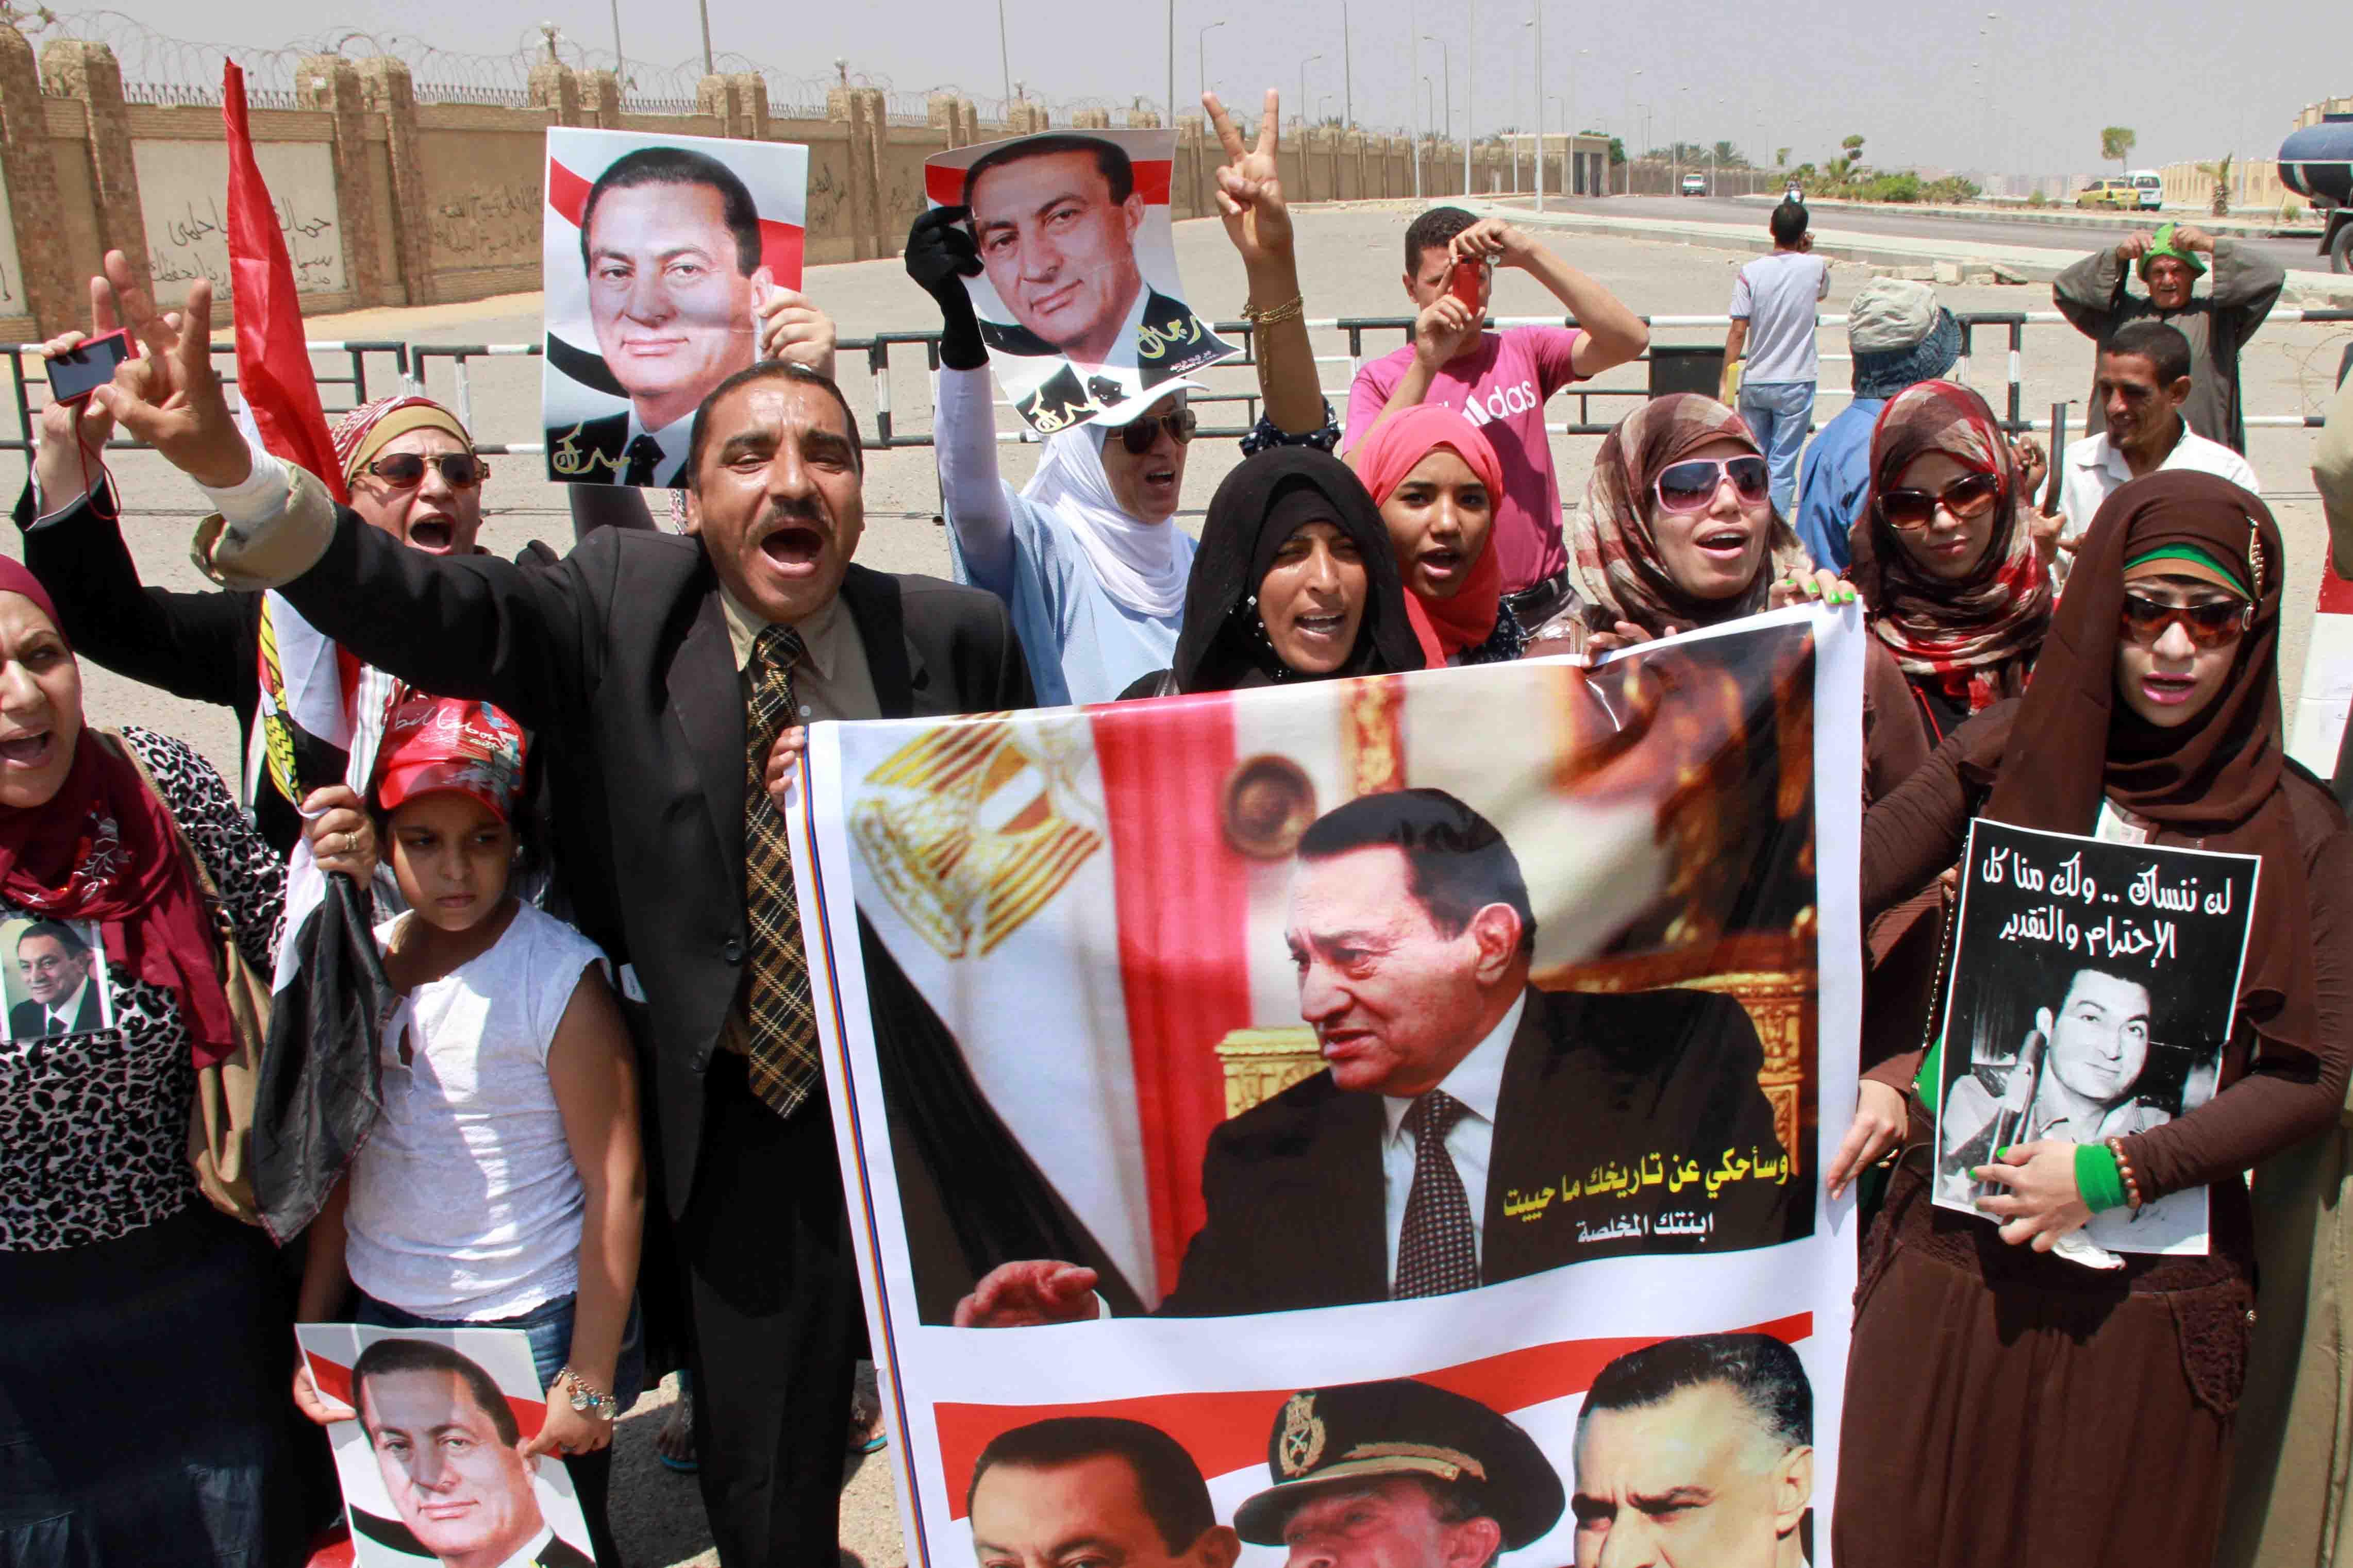 صورة أنصار مبارك يحرقون لافتة كتبوا عليها 25 يناير..وسط هتافات «عاش البطل المحارب»